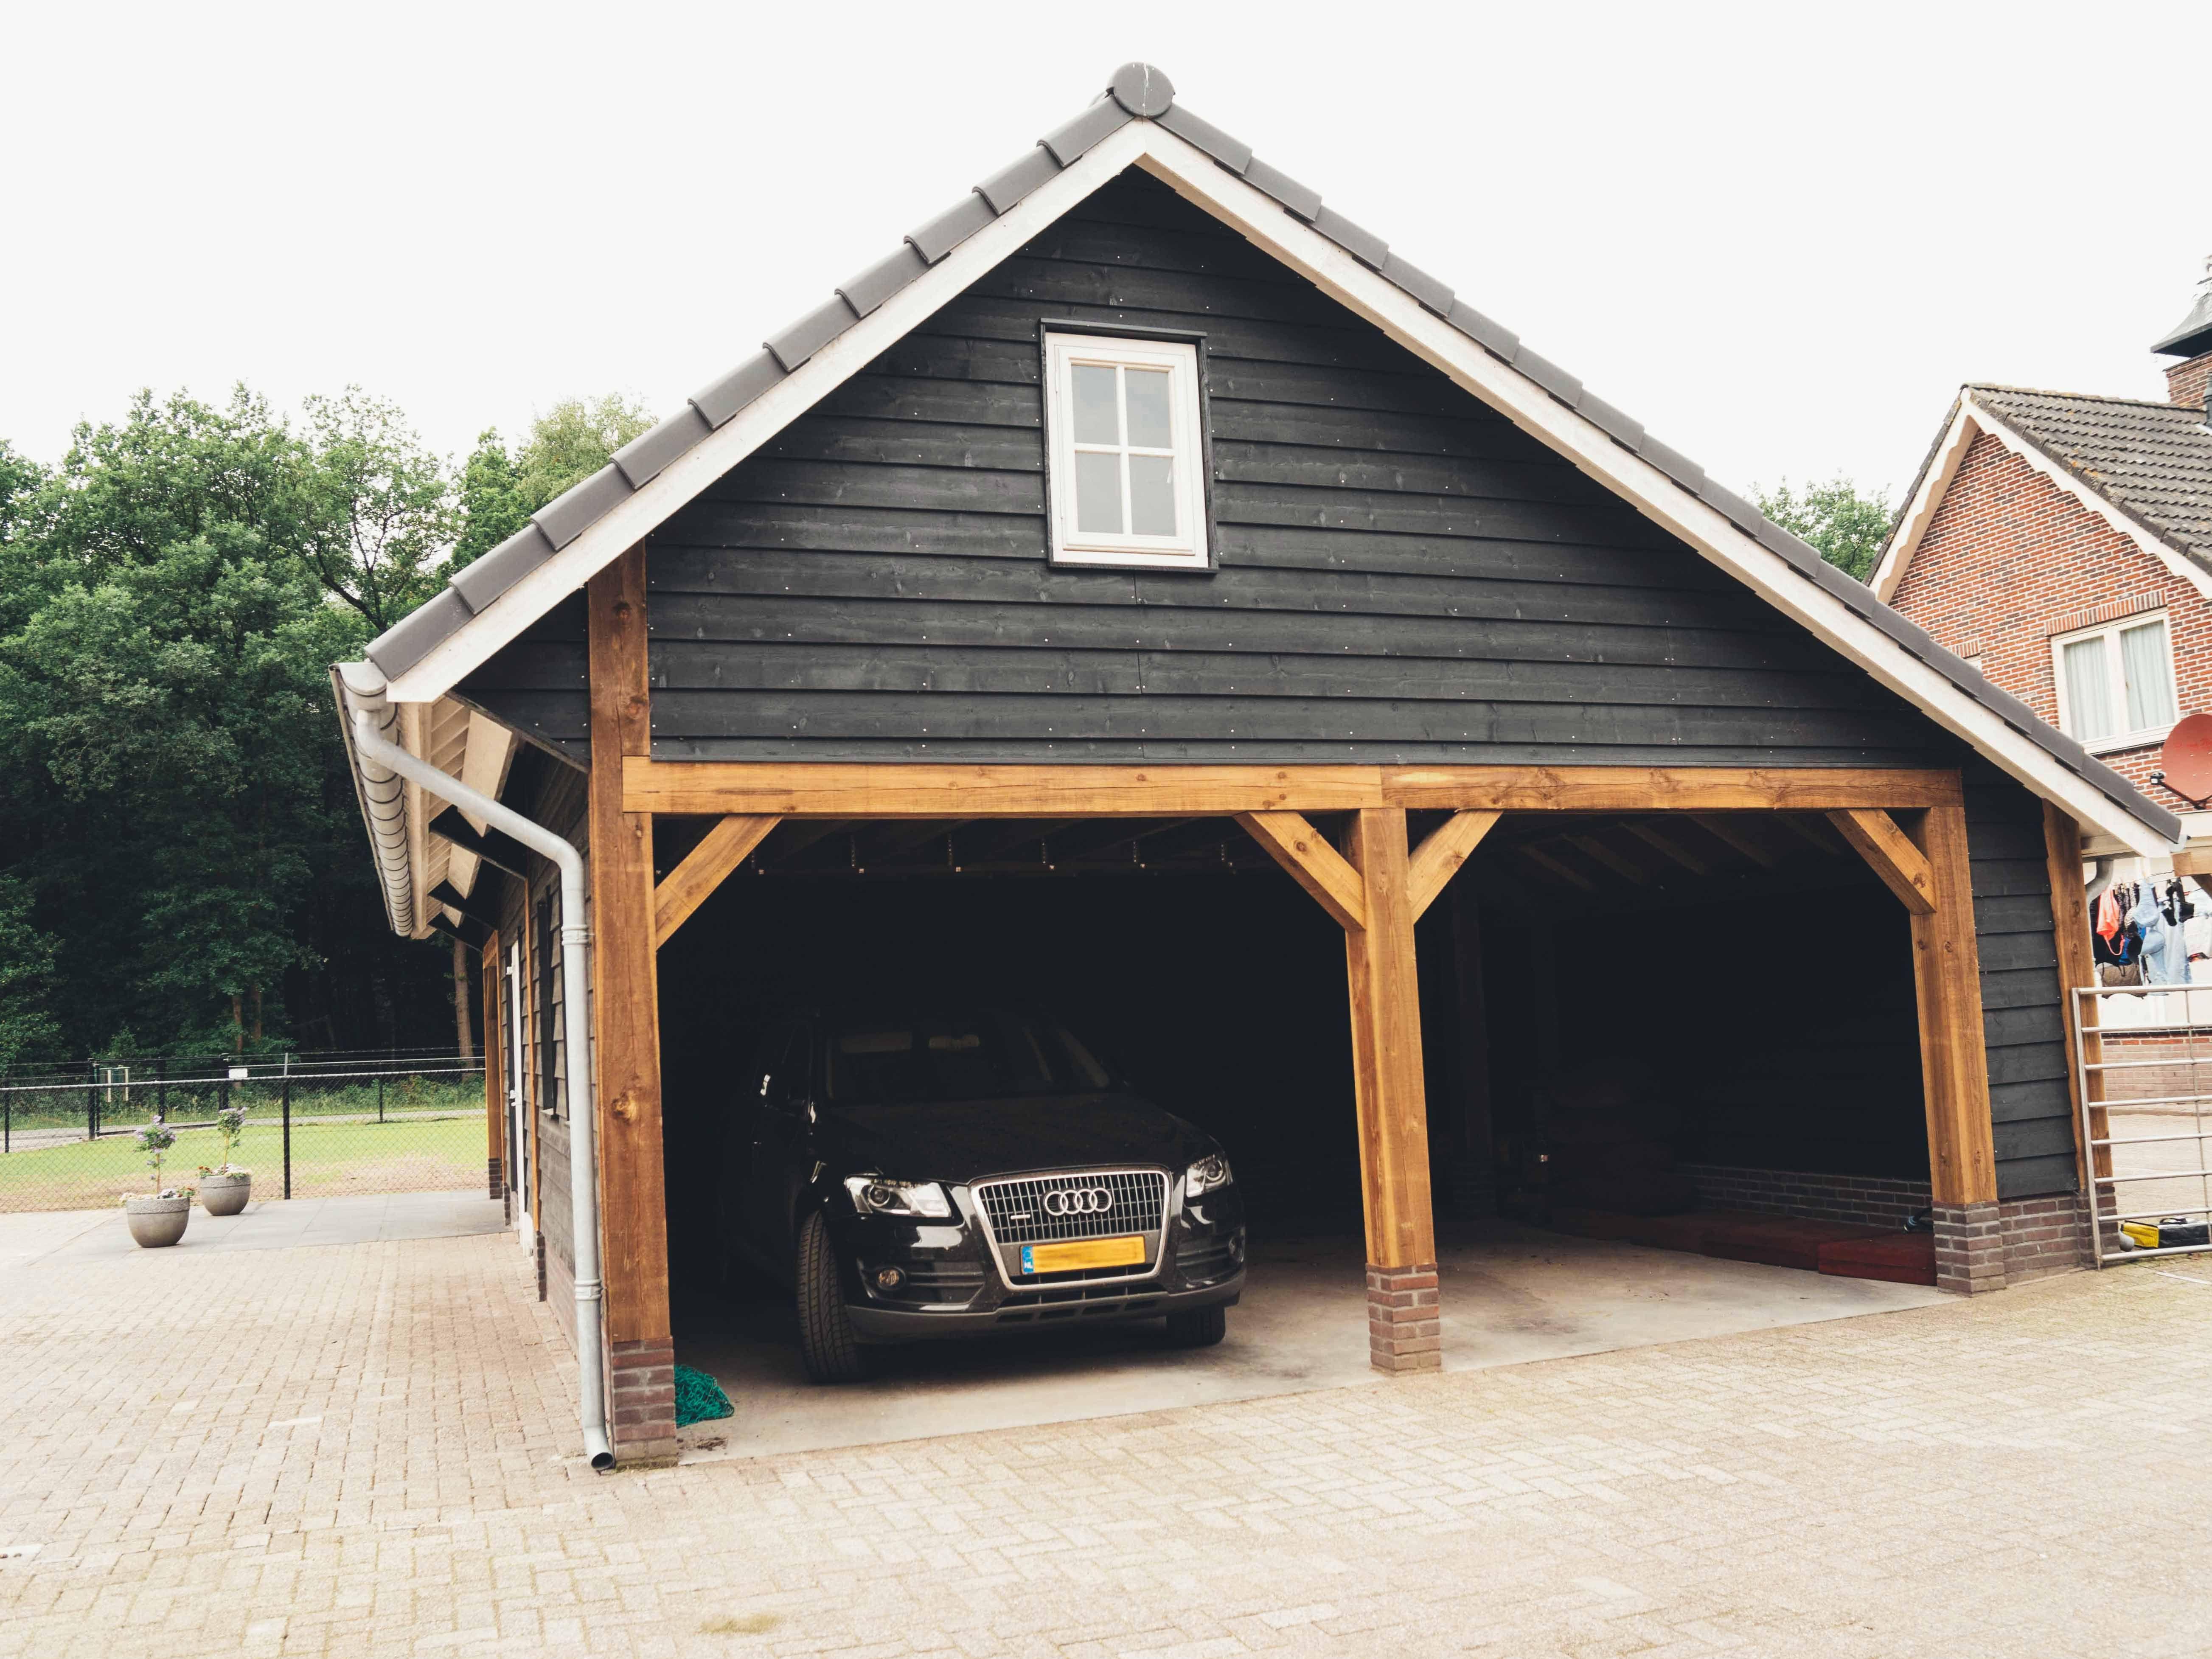 Houten carport Houten schuur, Huis buitenkant design